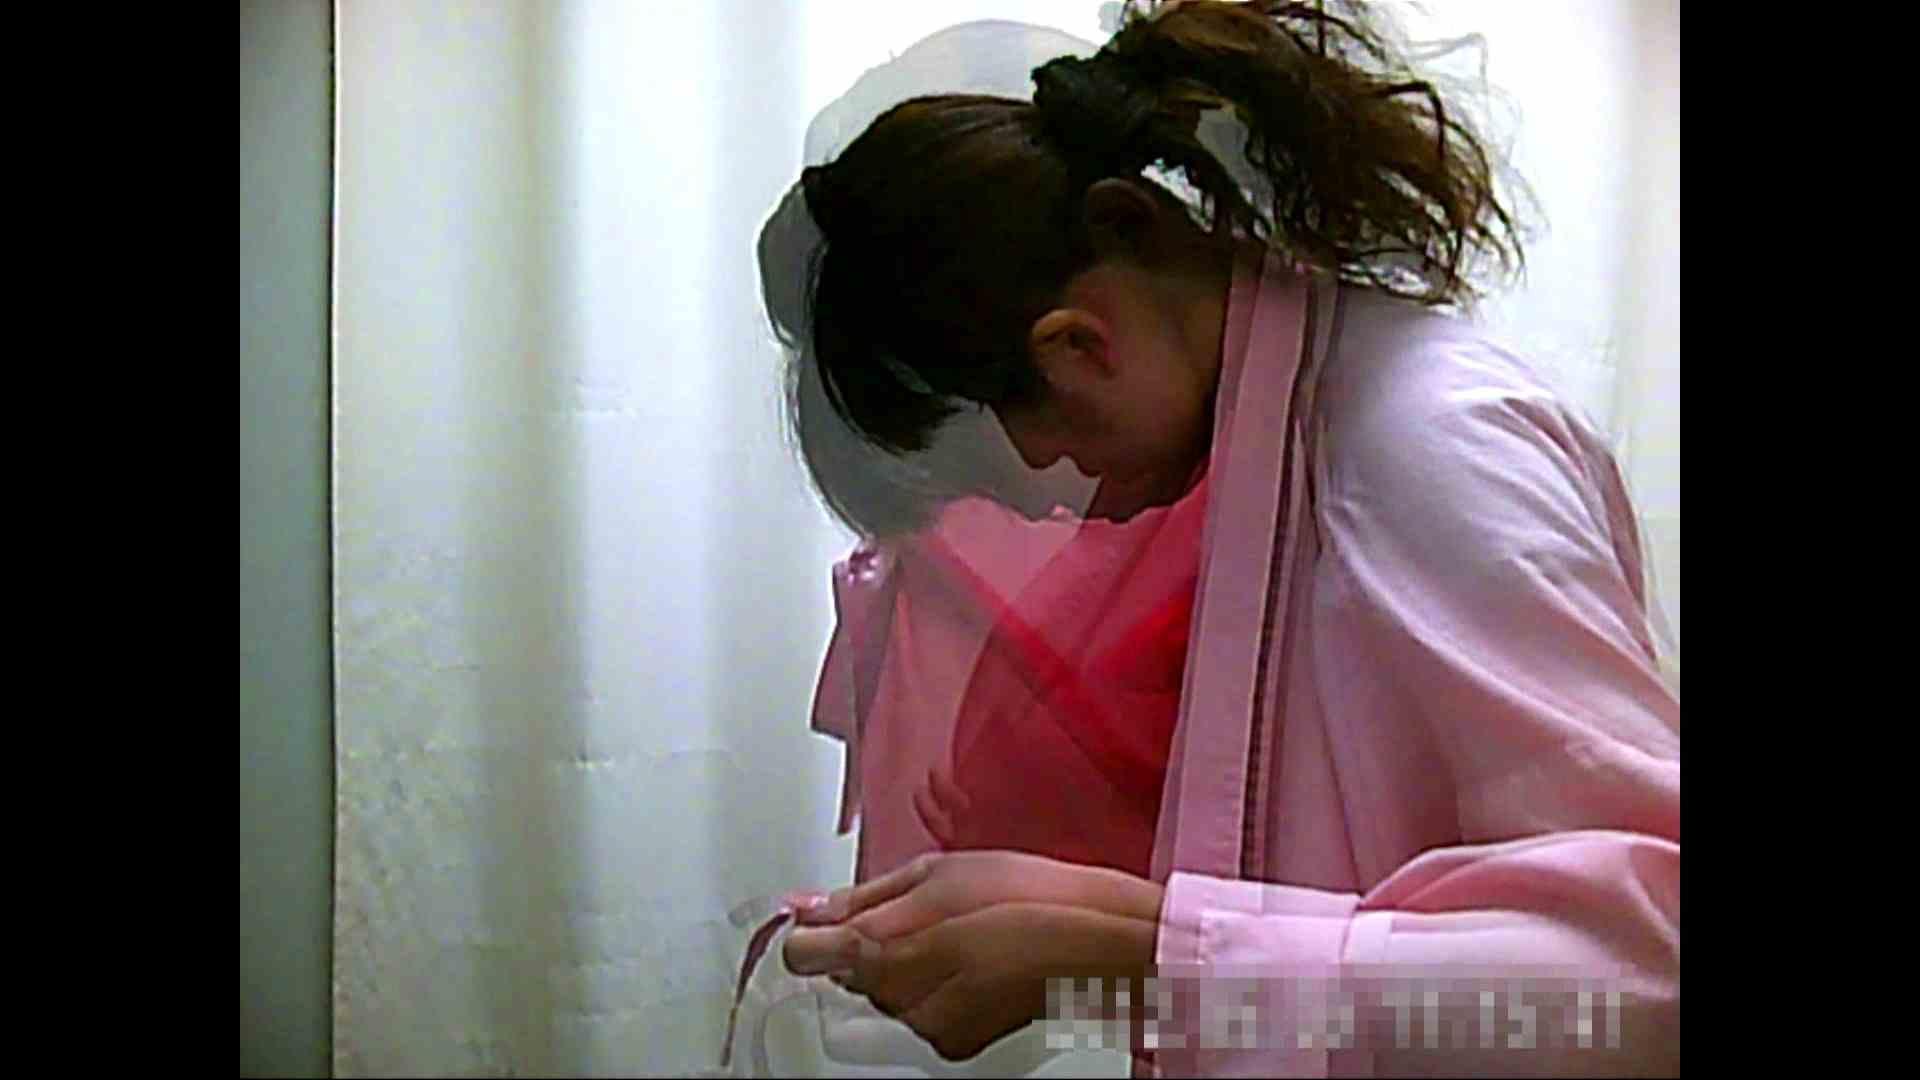 元医者による反抗 更衣室地獄絵巻 vol.002 OLハメ撮り  40Pix 32